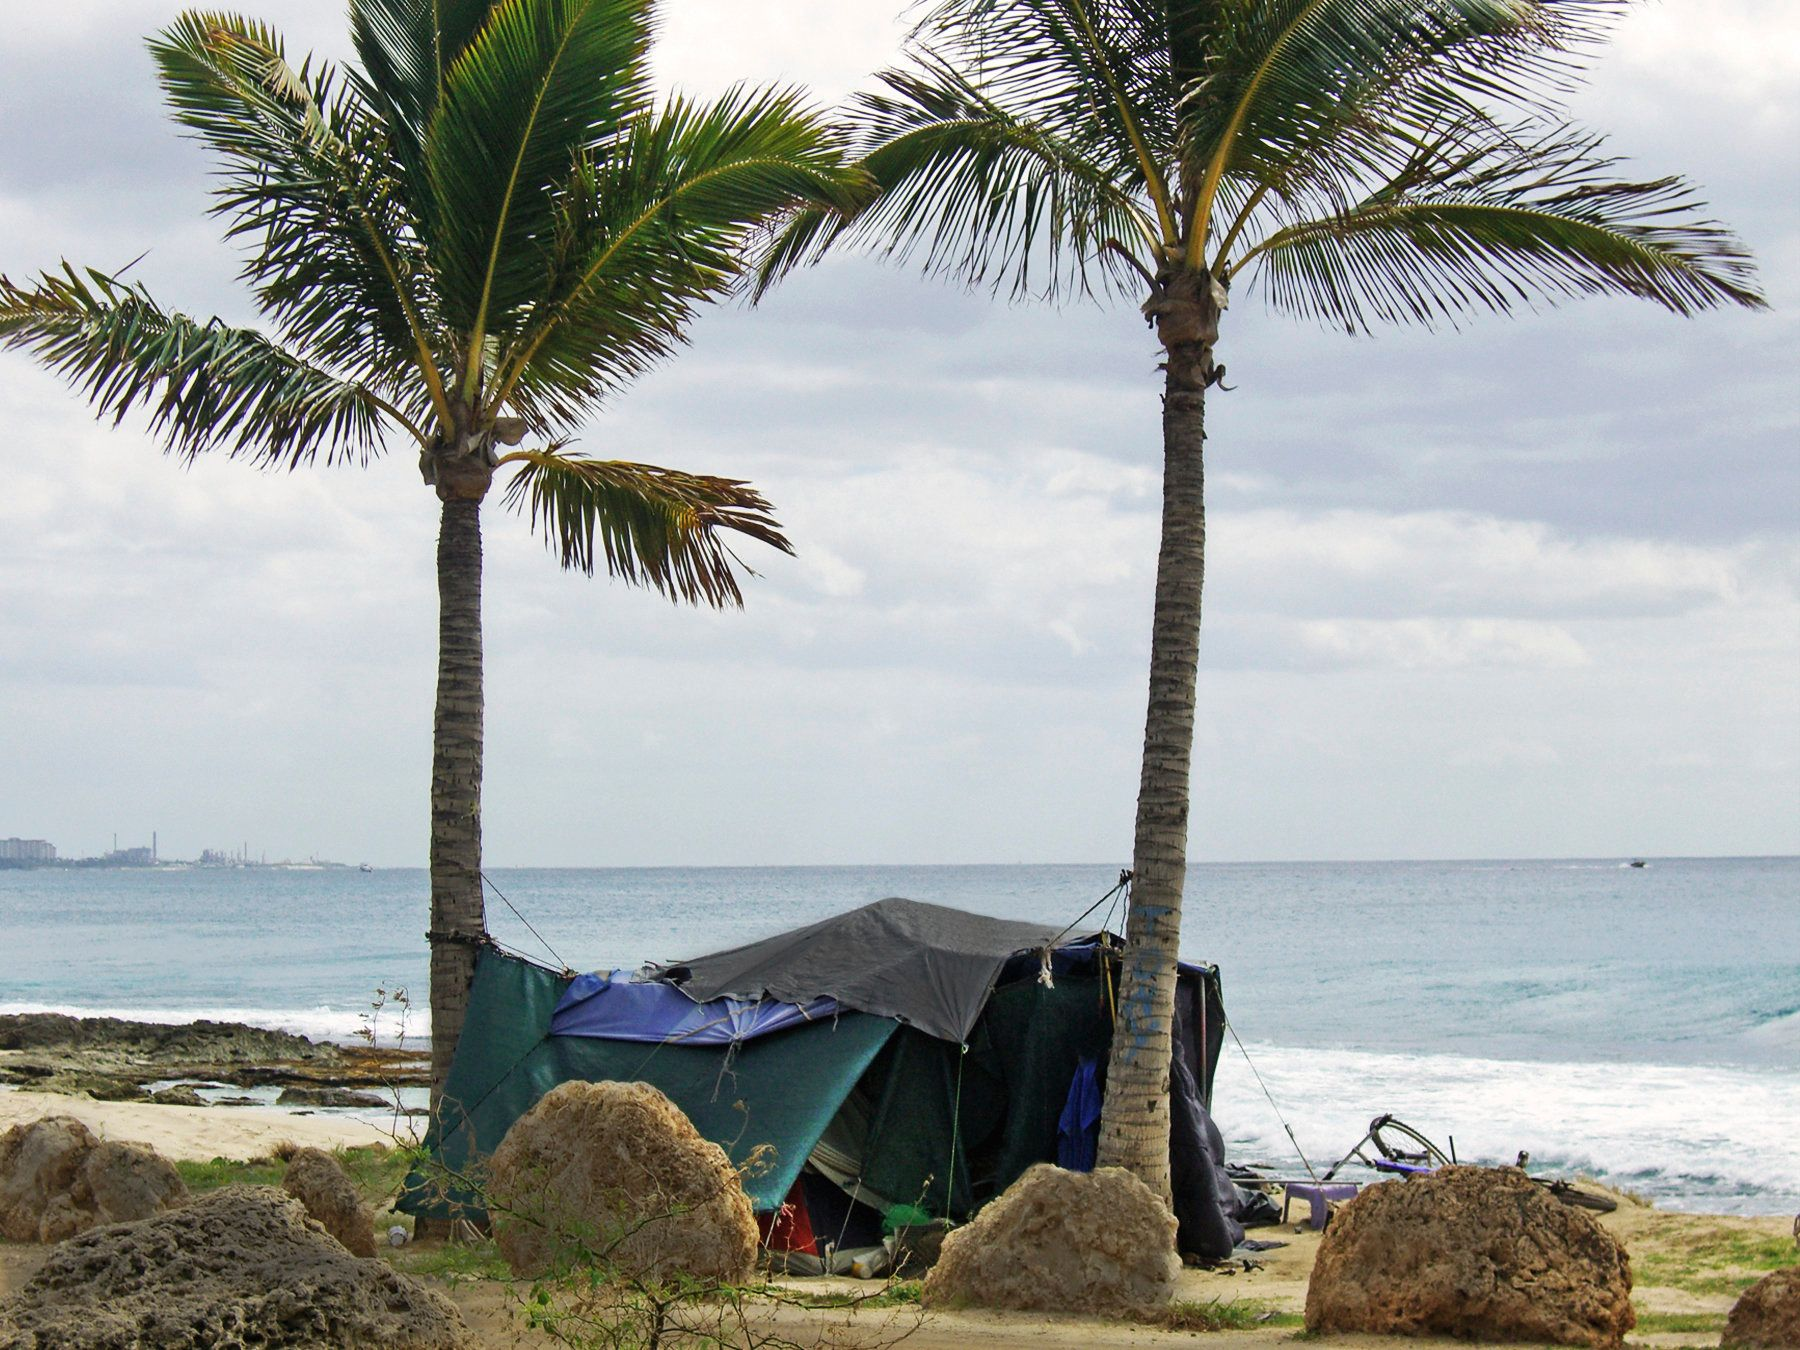 A homeless shelter on a beach on Oahu, Hawaii.